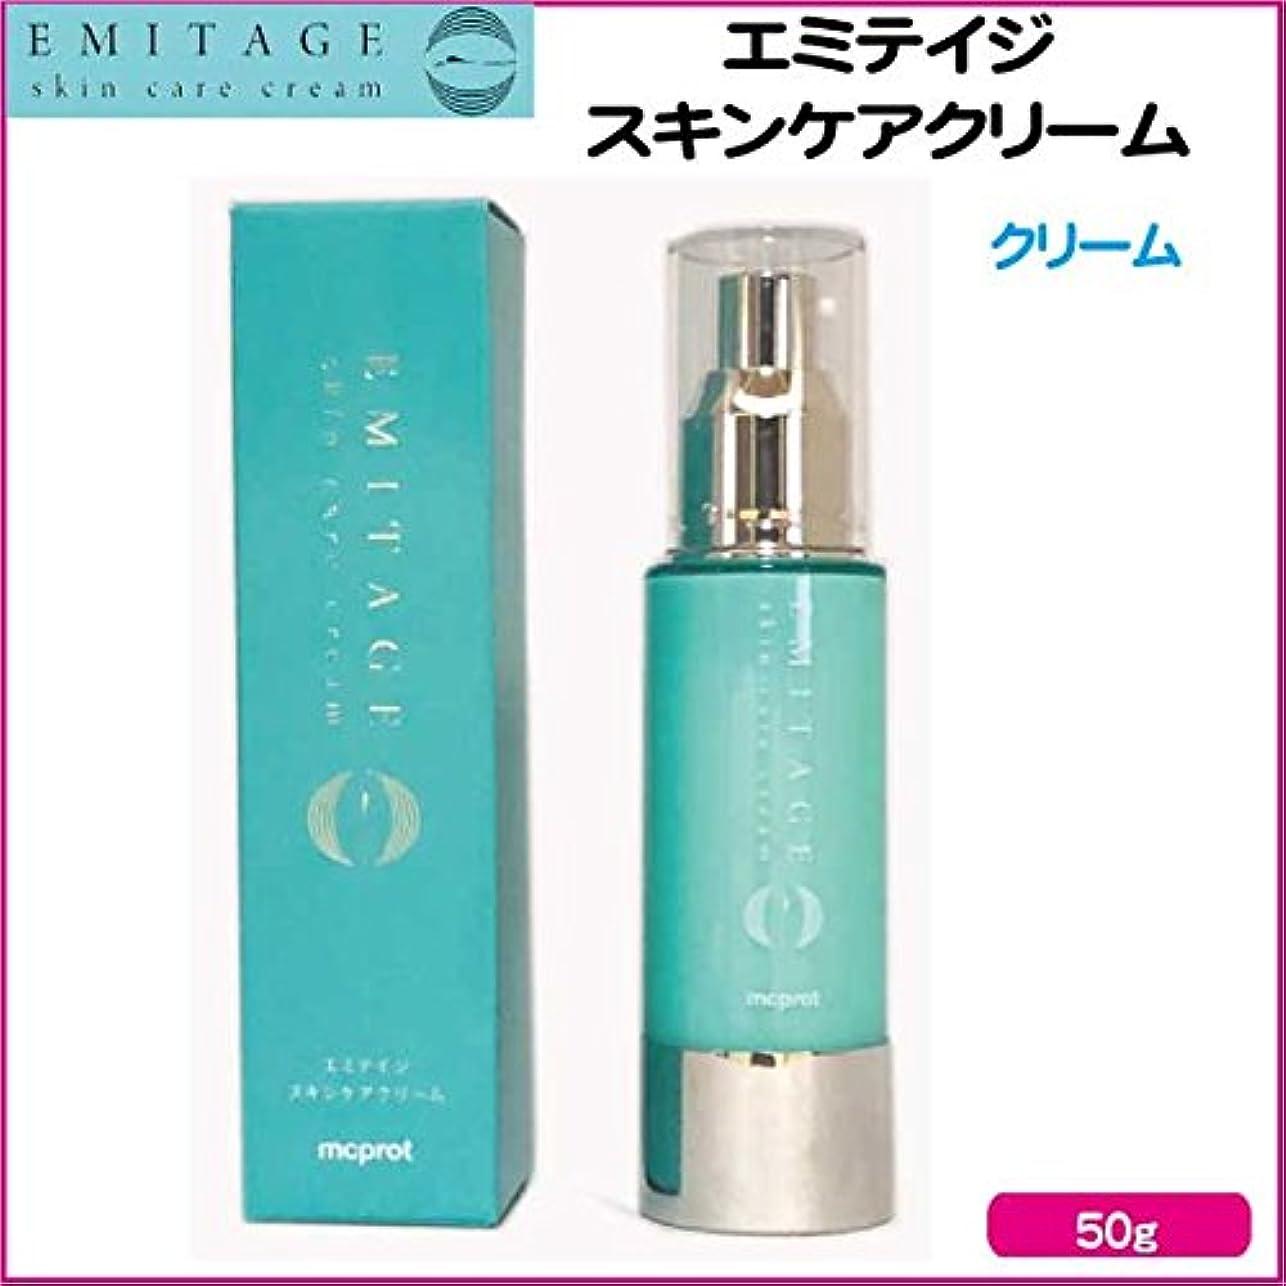 """悲劇作家いろいろ【クリーム】""""EMITAGE skin care cream エミテイ スキンケア クリーム"""" 50g 日本製"""